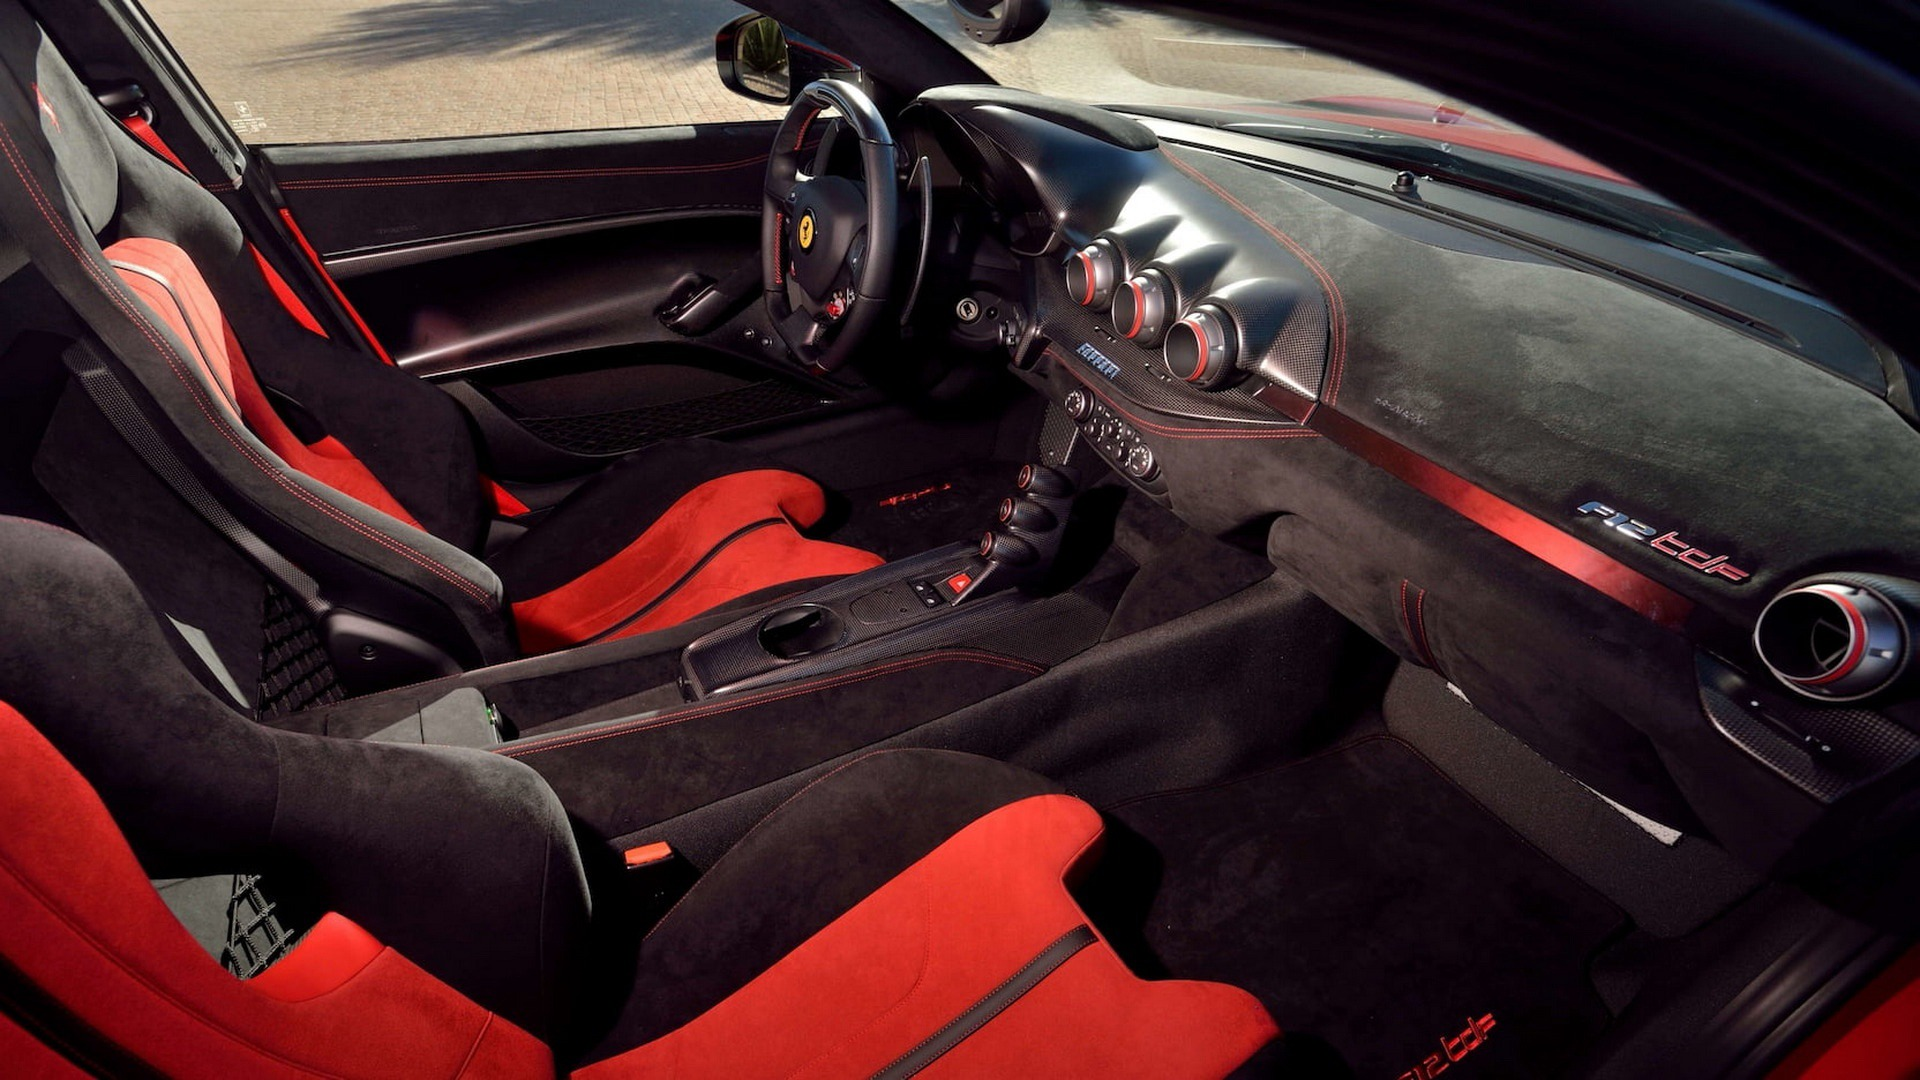 Penske_Ferrari_F12TdF_sale_0020